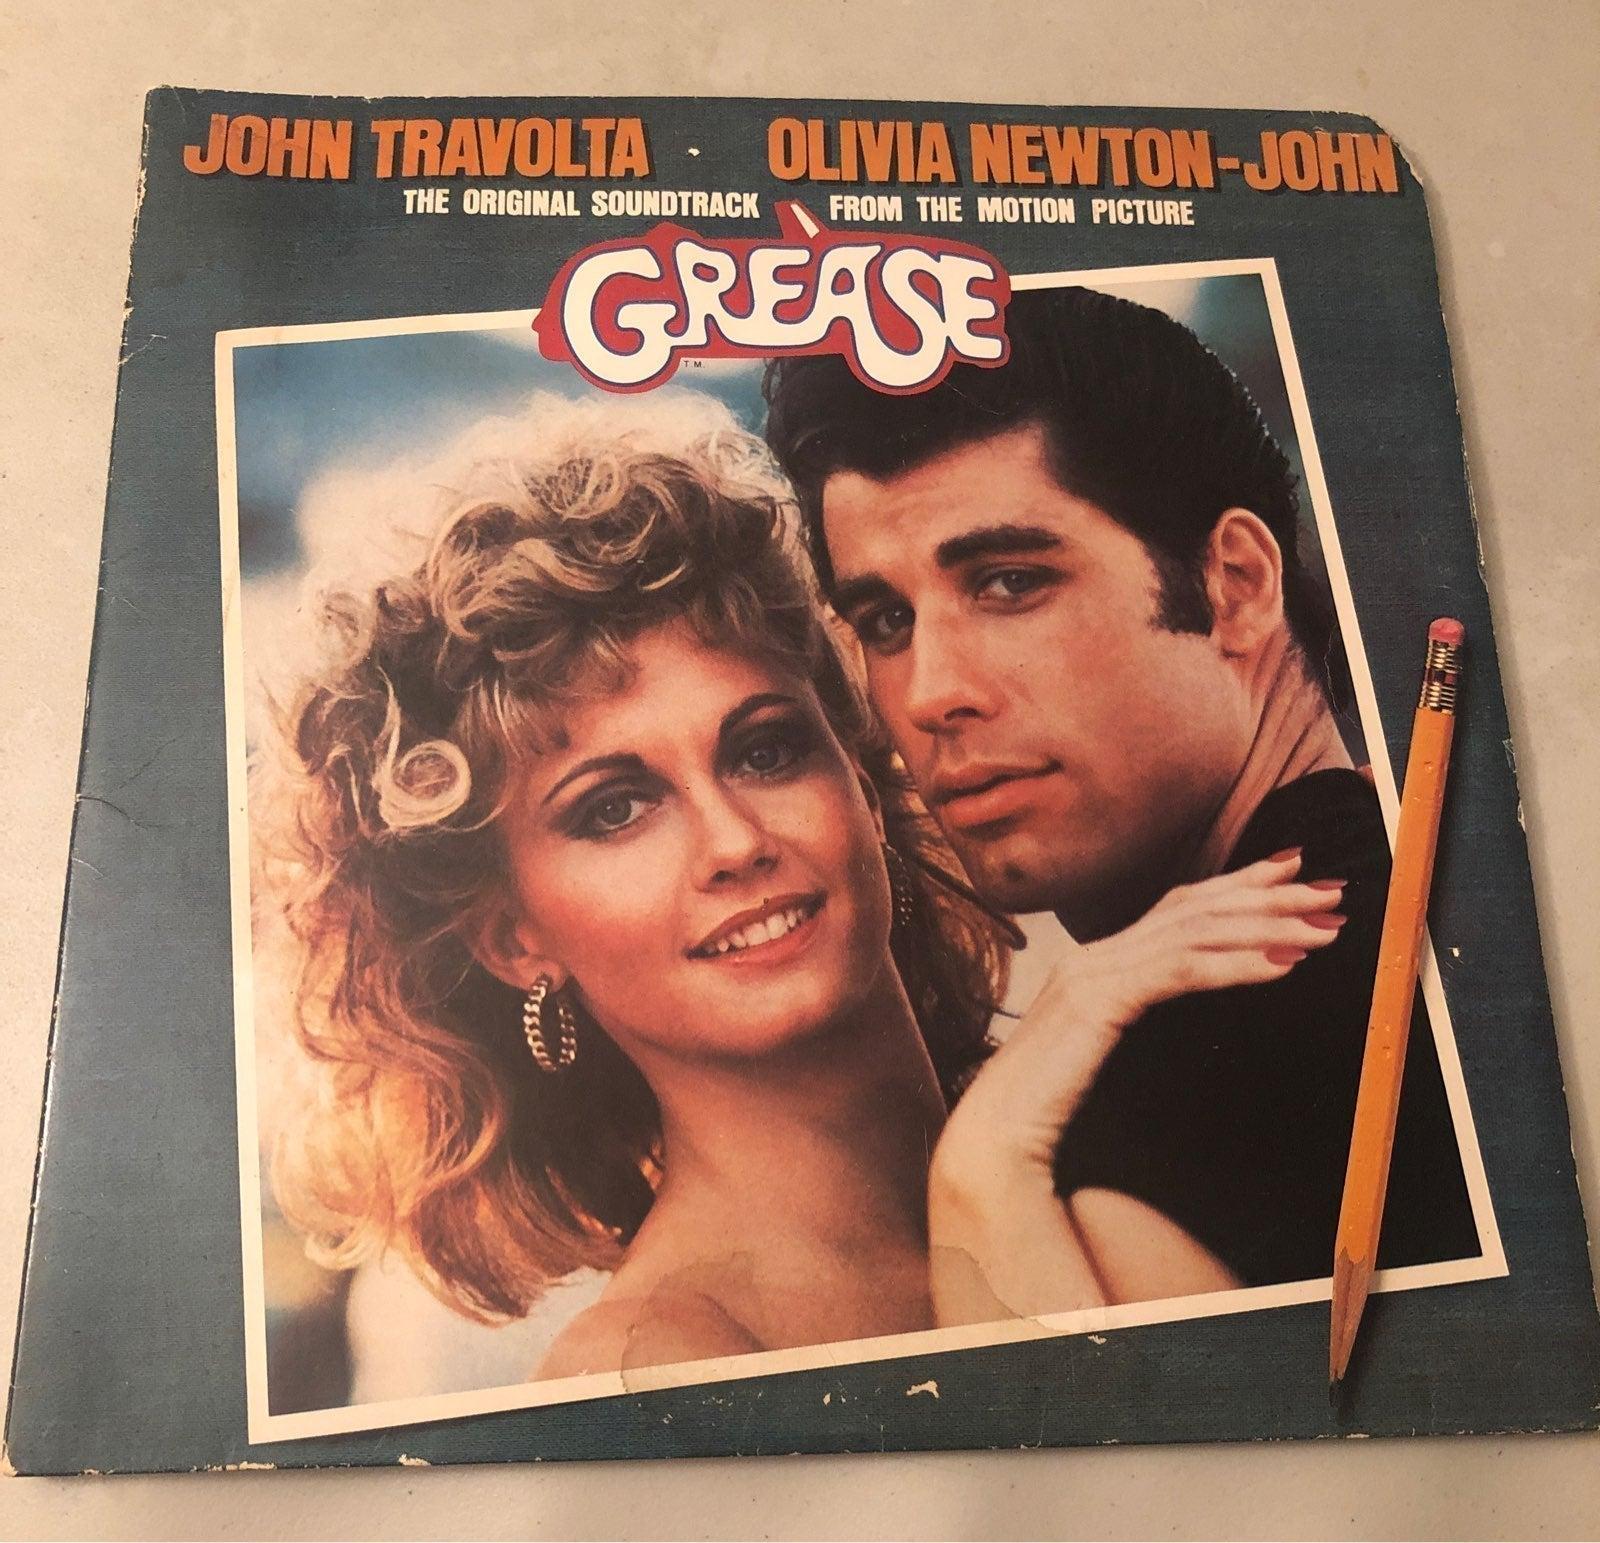 Vintage Grease vinyl